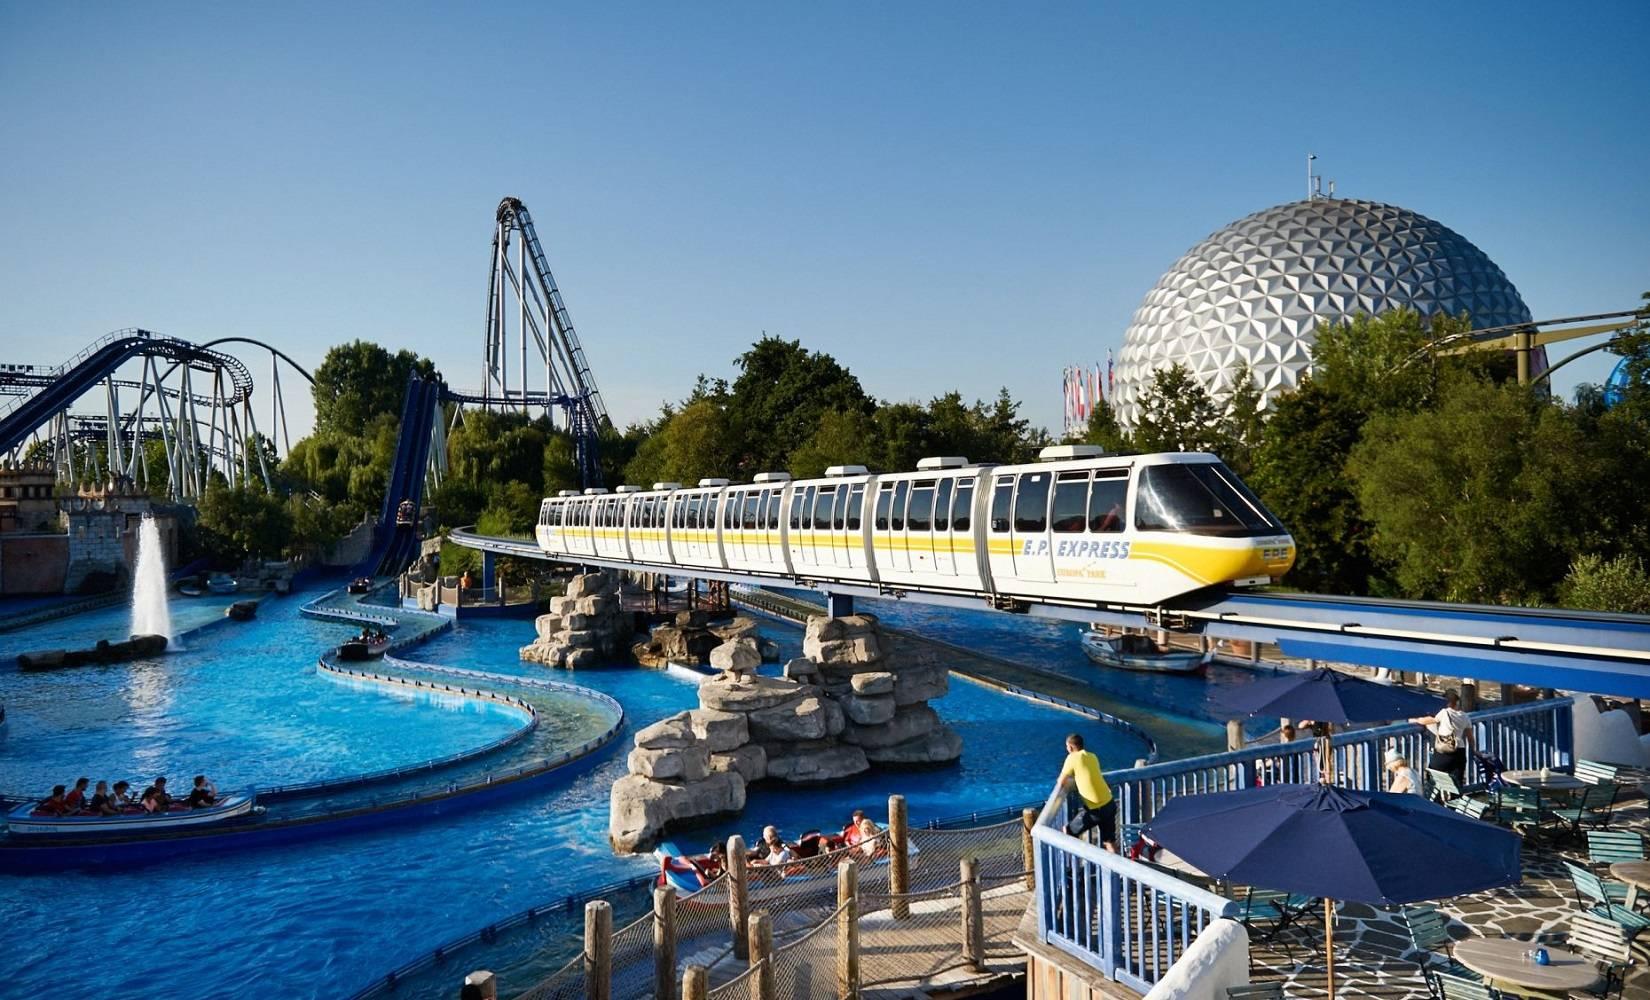 Топ-12 самых интересных детских парков развлечений в европе: фото, цены, отели и как добраться